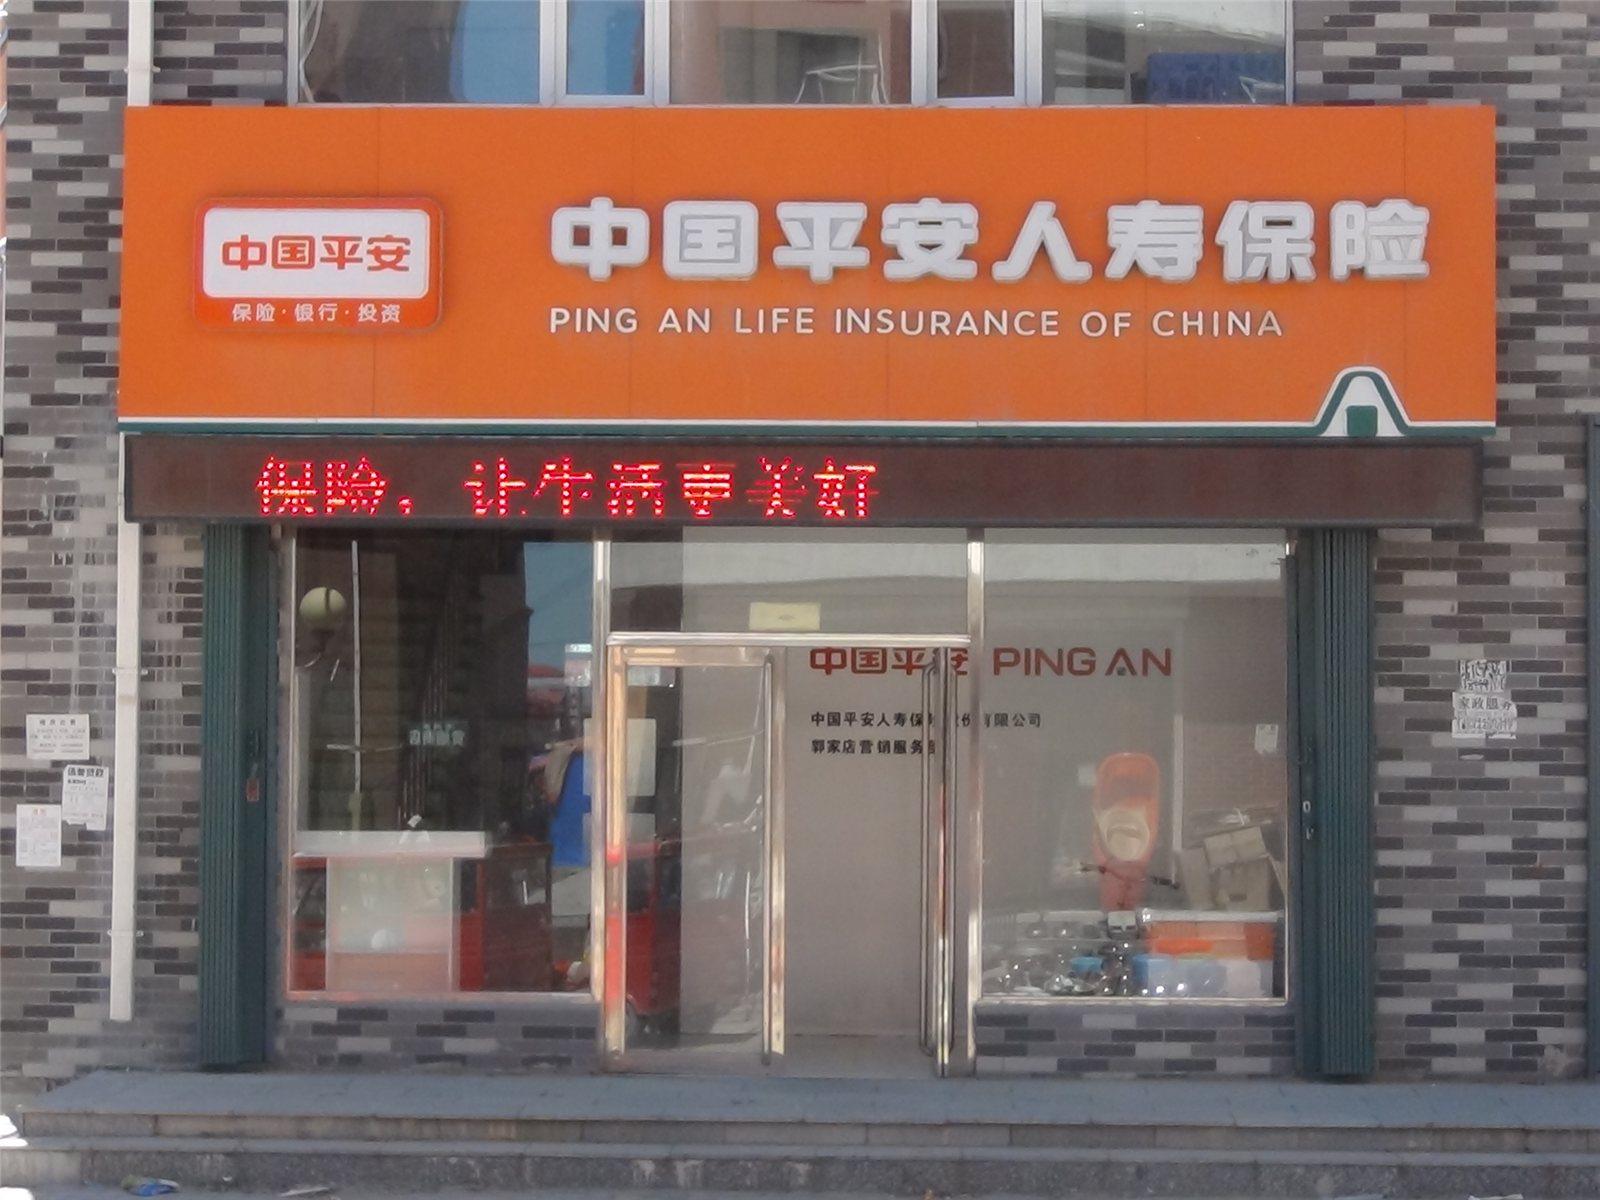 中国平安保险公司 以下几种主险代码分别是那些险种